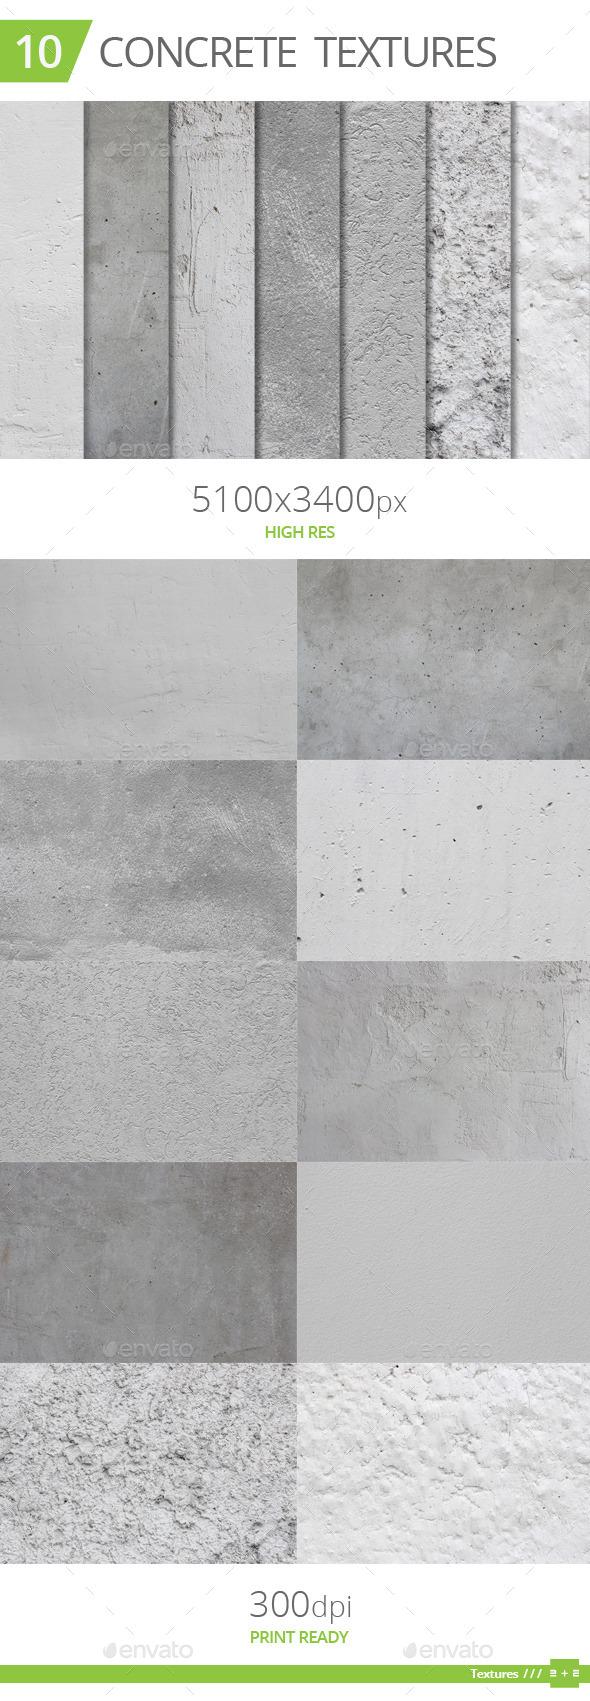 10 Concrete Textures